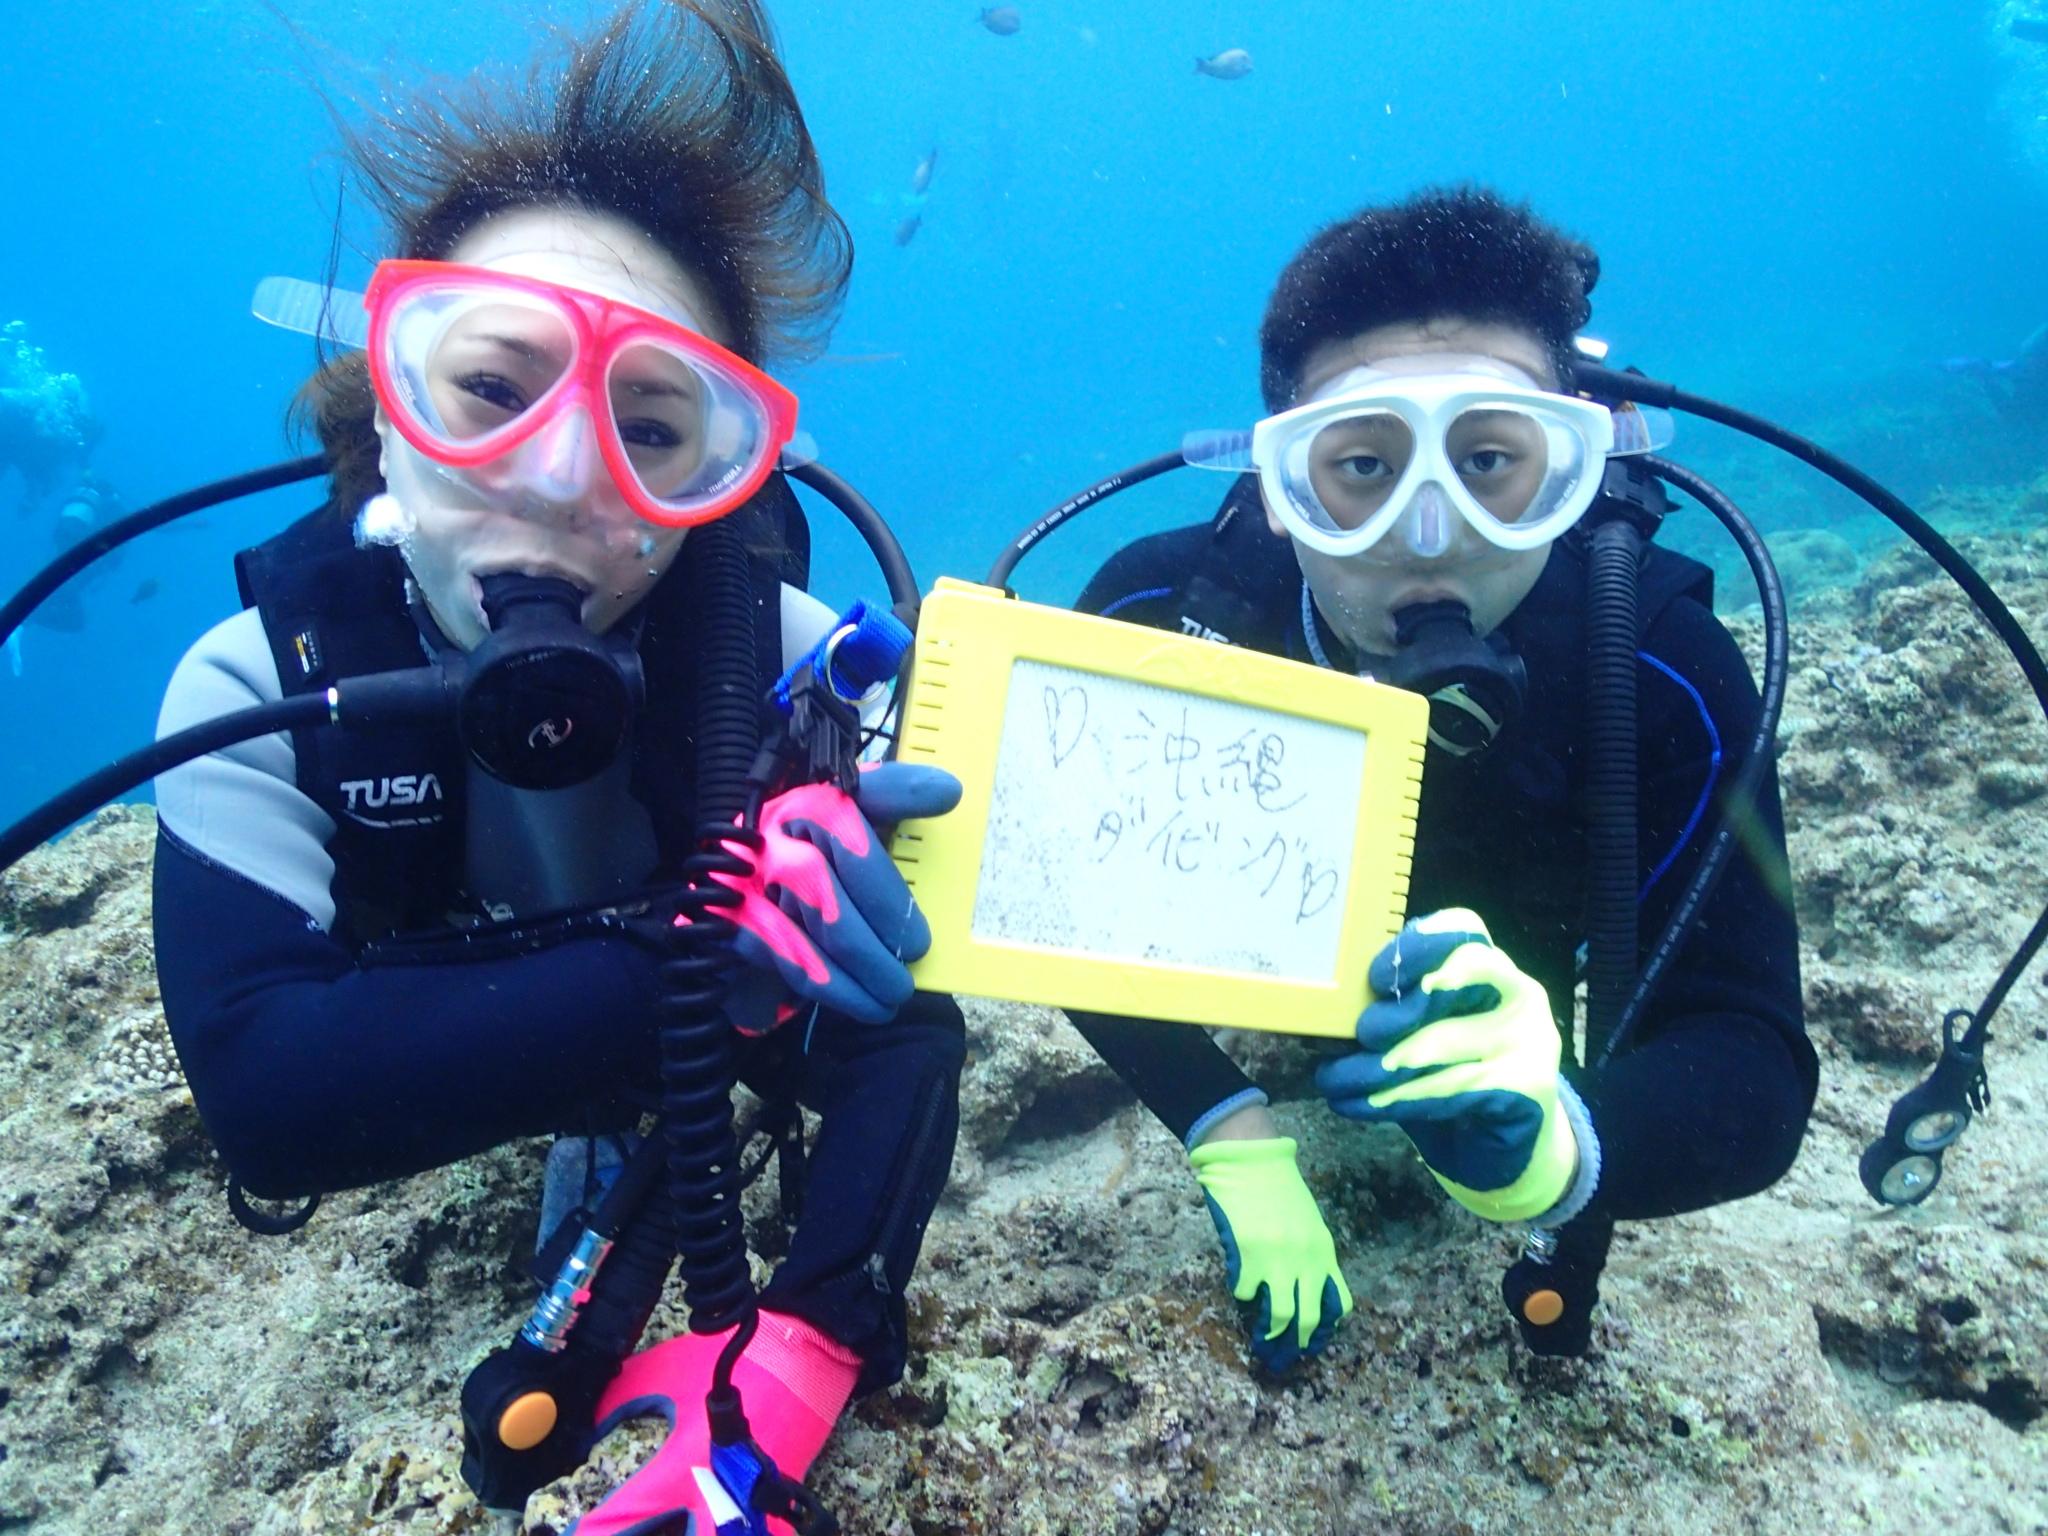 【恩納村】初心者大歓迎!1番やさしい「青の洞窟」体験ダイビング(No.90)